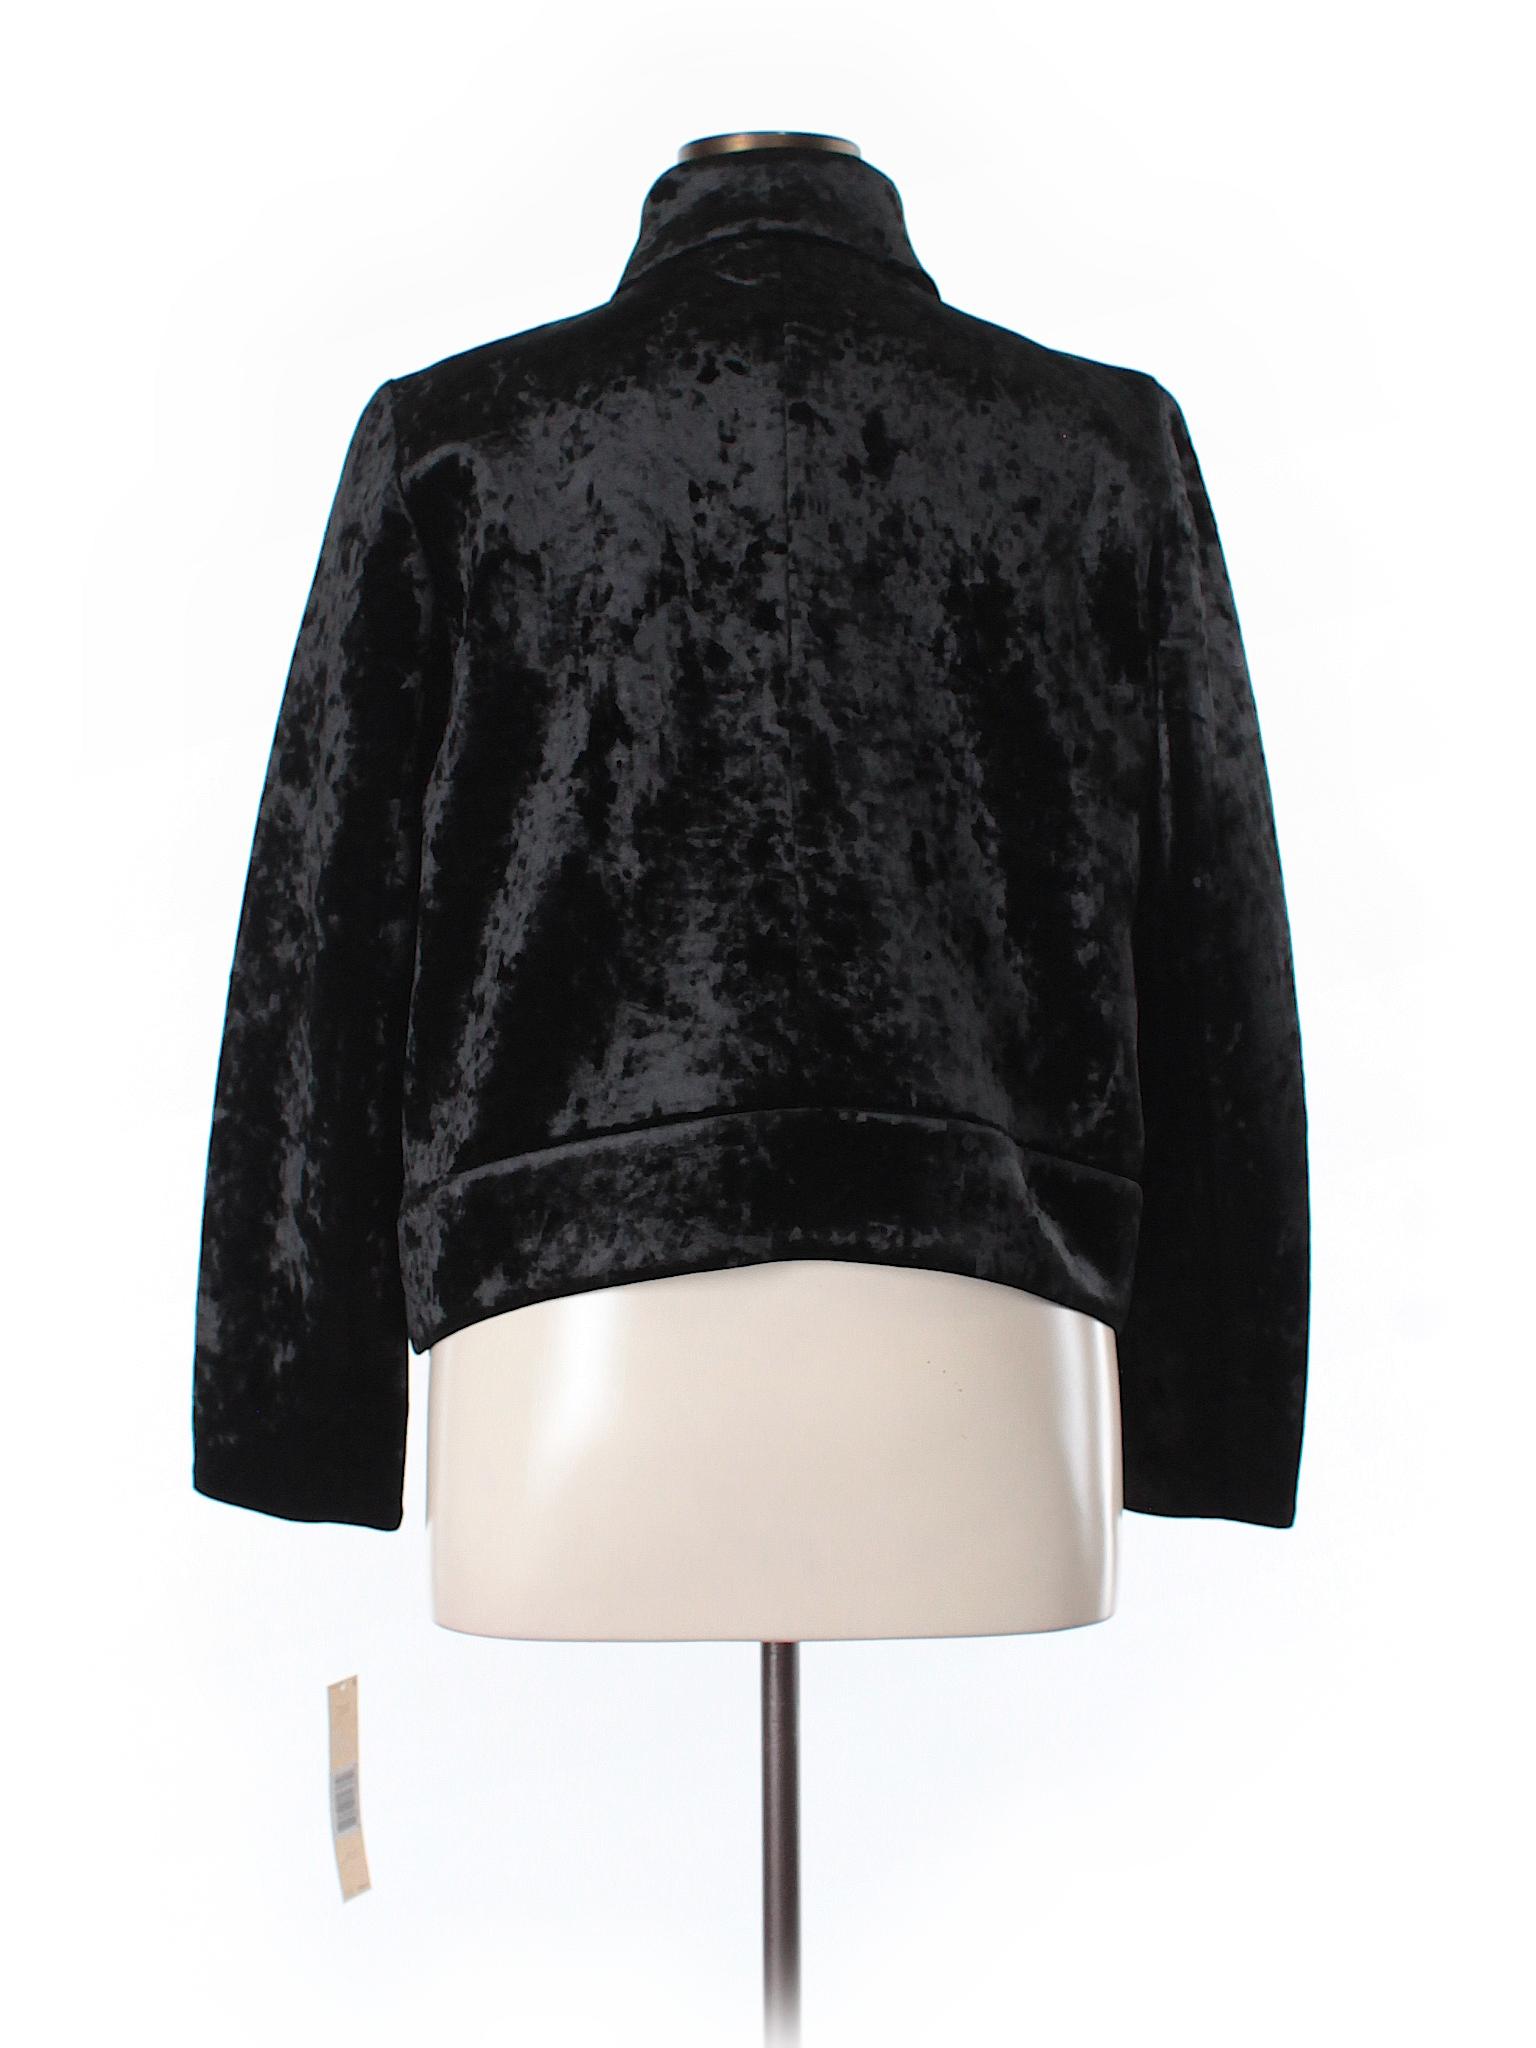 Roy Boutique Rachel RACHEL RACHEL Boutique Jacket Roy Rachel 7wqvYtnHt